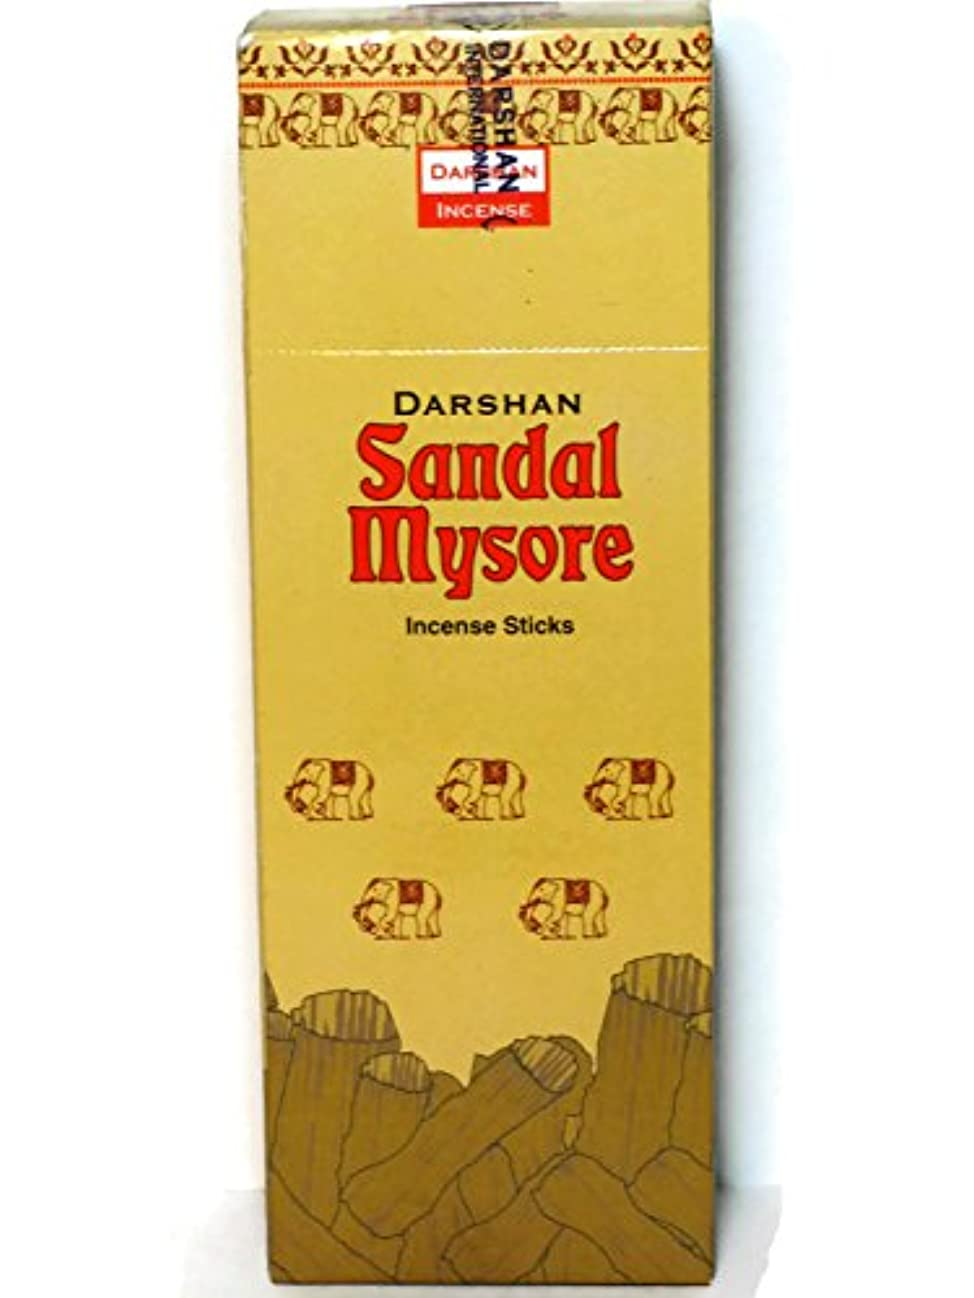 毎週テクトニック周囲サンダルMysore Incense、120のスティックパックの6。Darshan、Hand Made In。インド